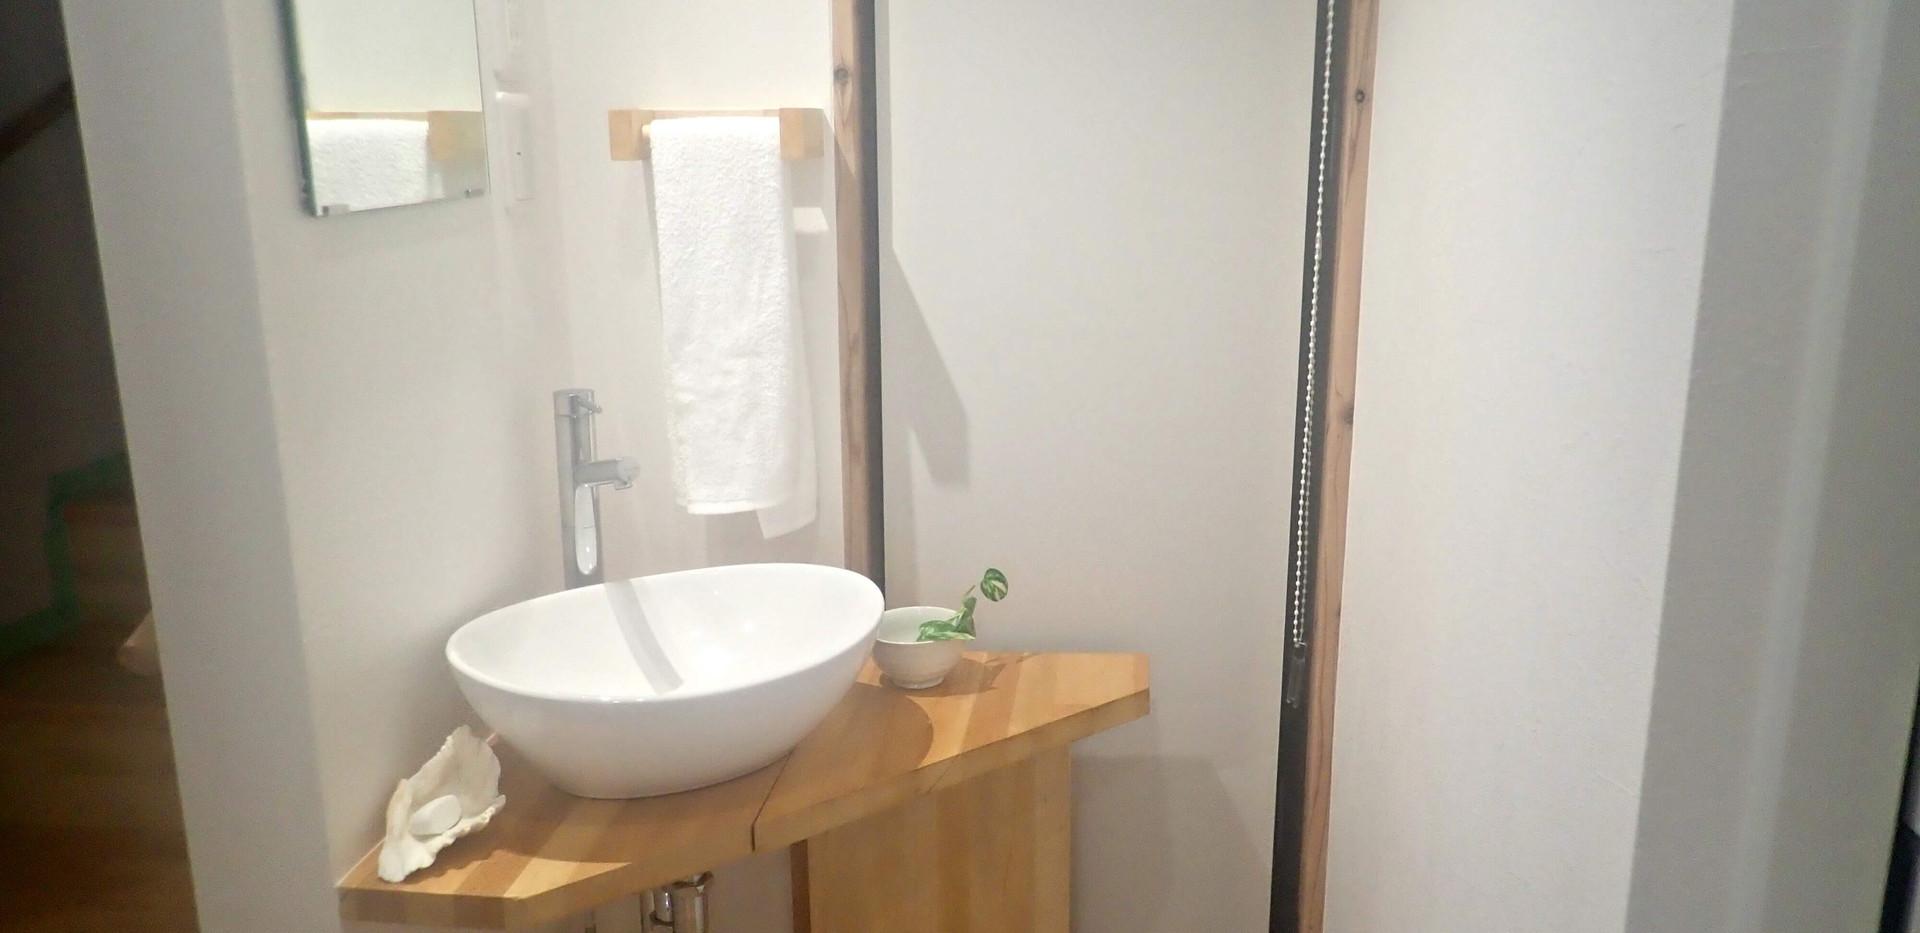 1階洗面台。ここ以外にも家の中全体で洗面台は3つ、手洗いは2つあります。 Wash basin with hot and cold water. There are 2 more in the house